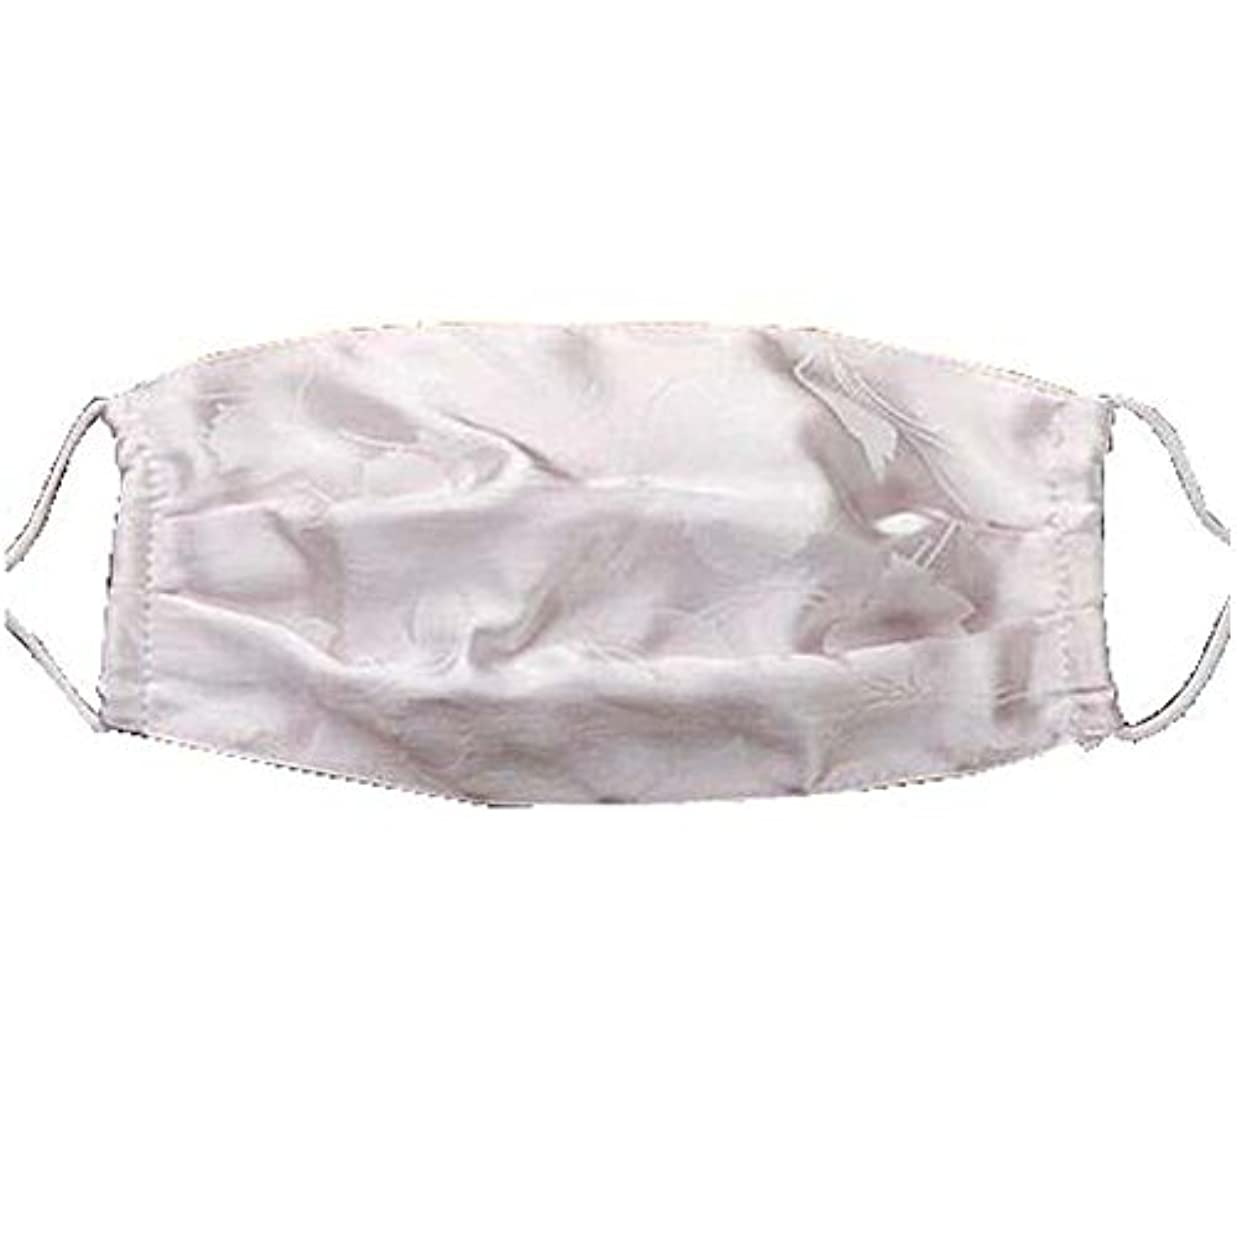 政治的カップル証明する口腔マスクダストマスク抗汚染活性炭フィルターインサートシルクマスク